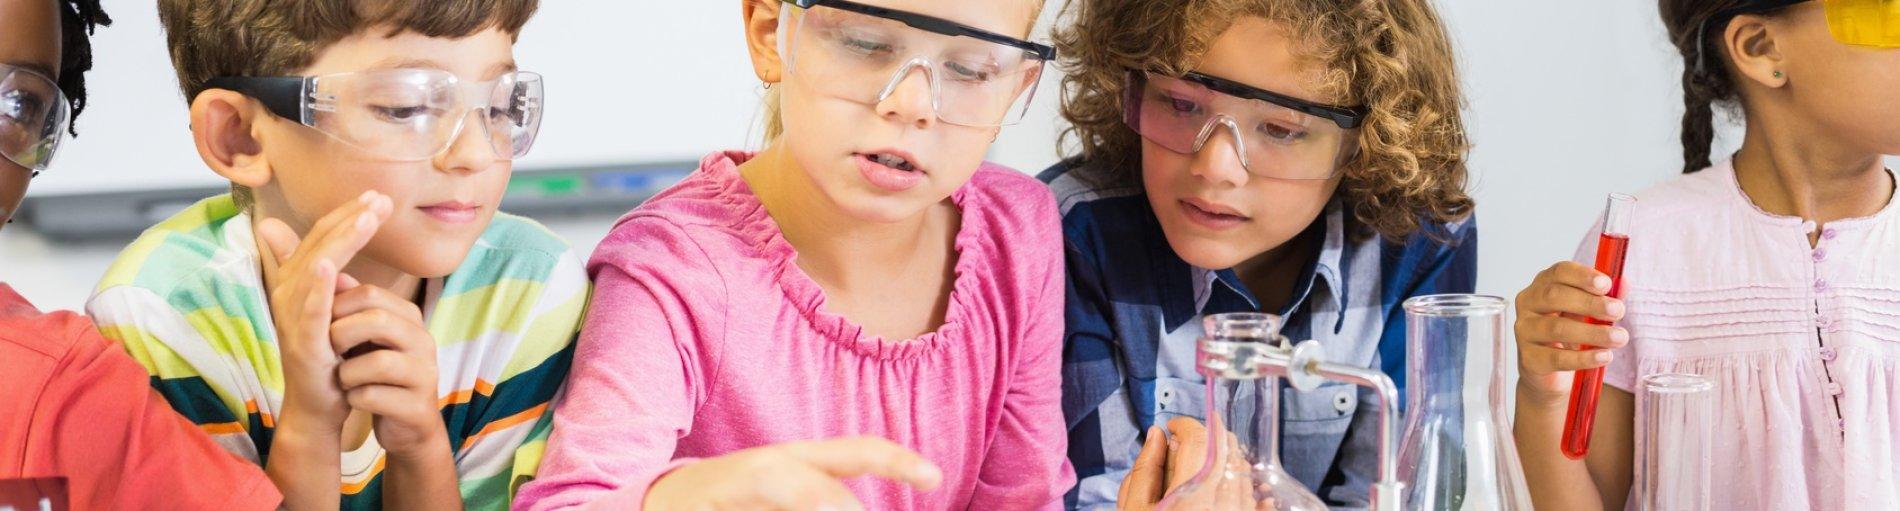 Schulkinder experimentieren im Chemieunterricht